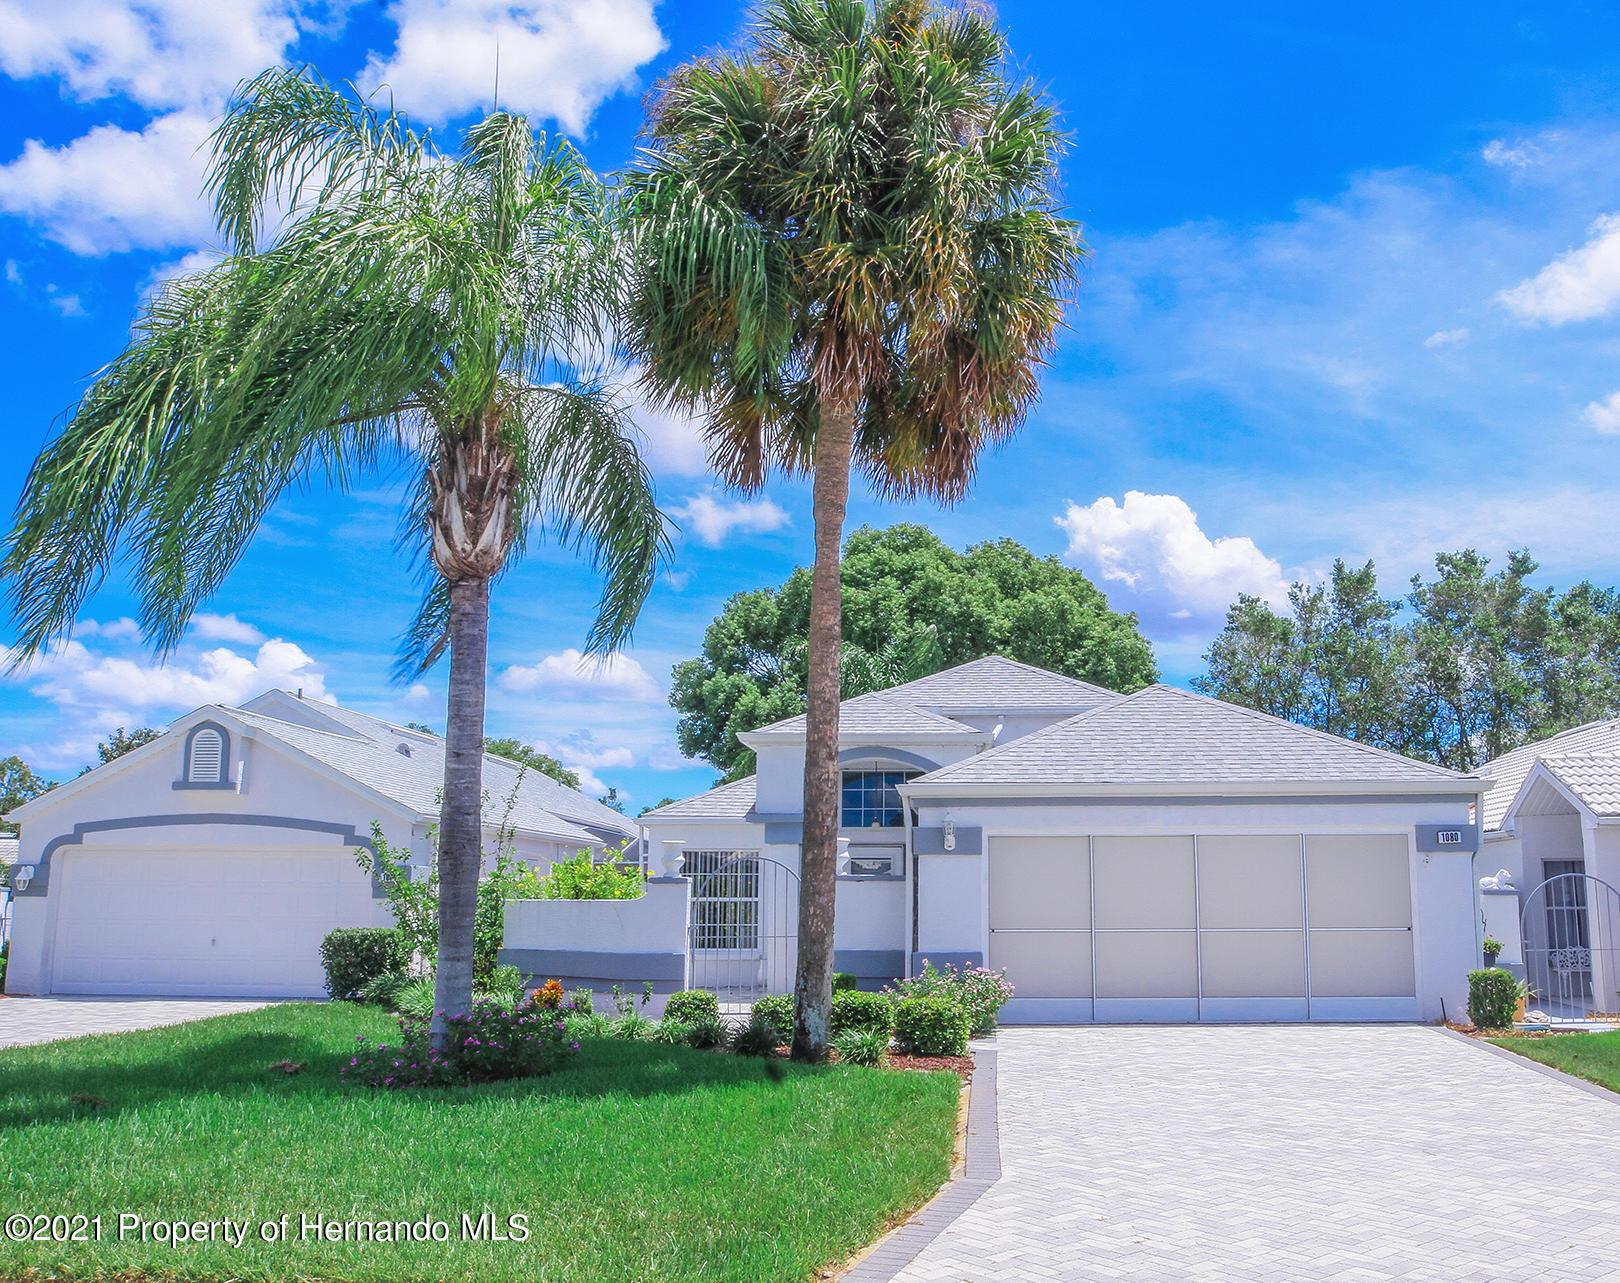 Details for 1080 Vista Fina Court, Spring Hill, FL 34608